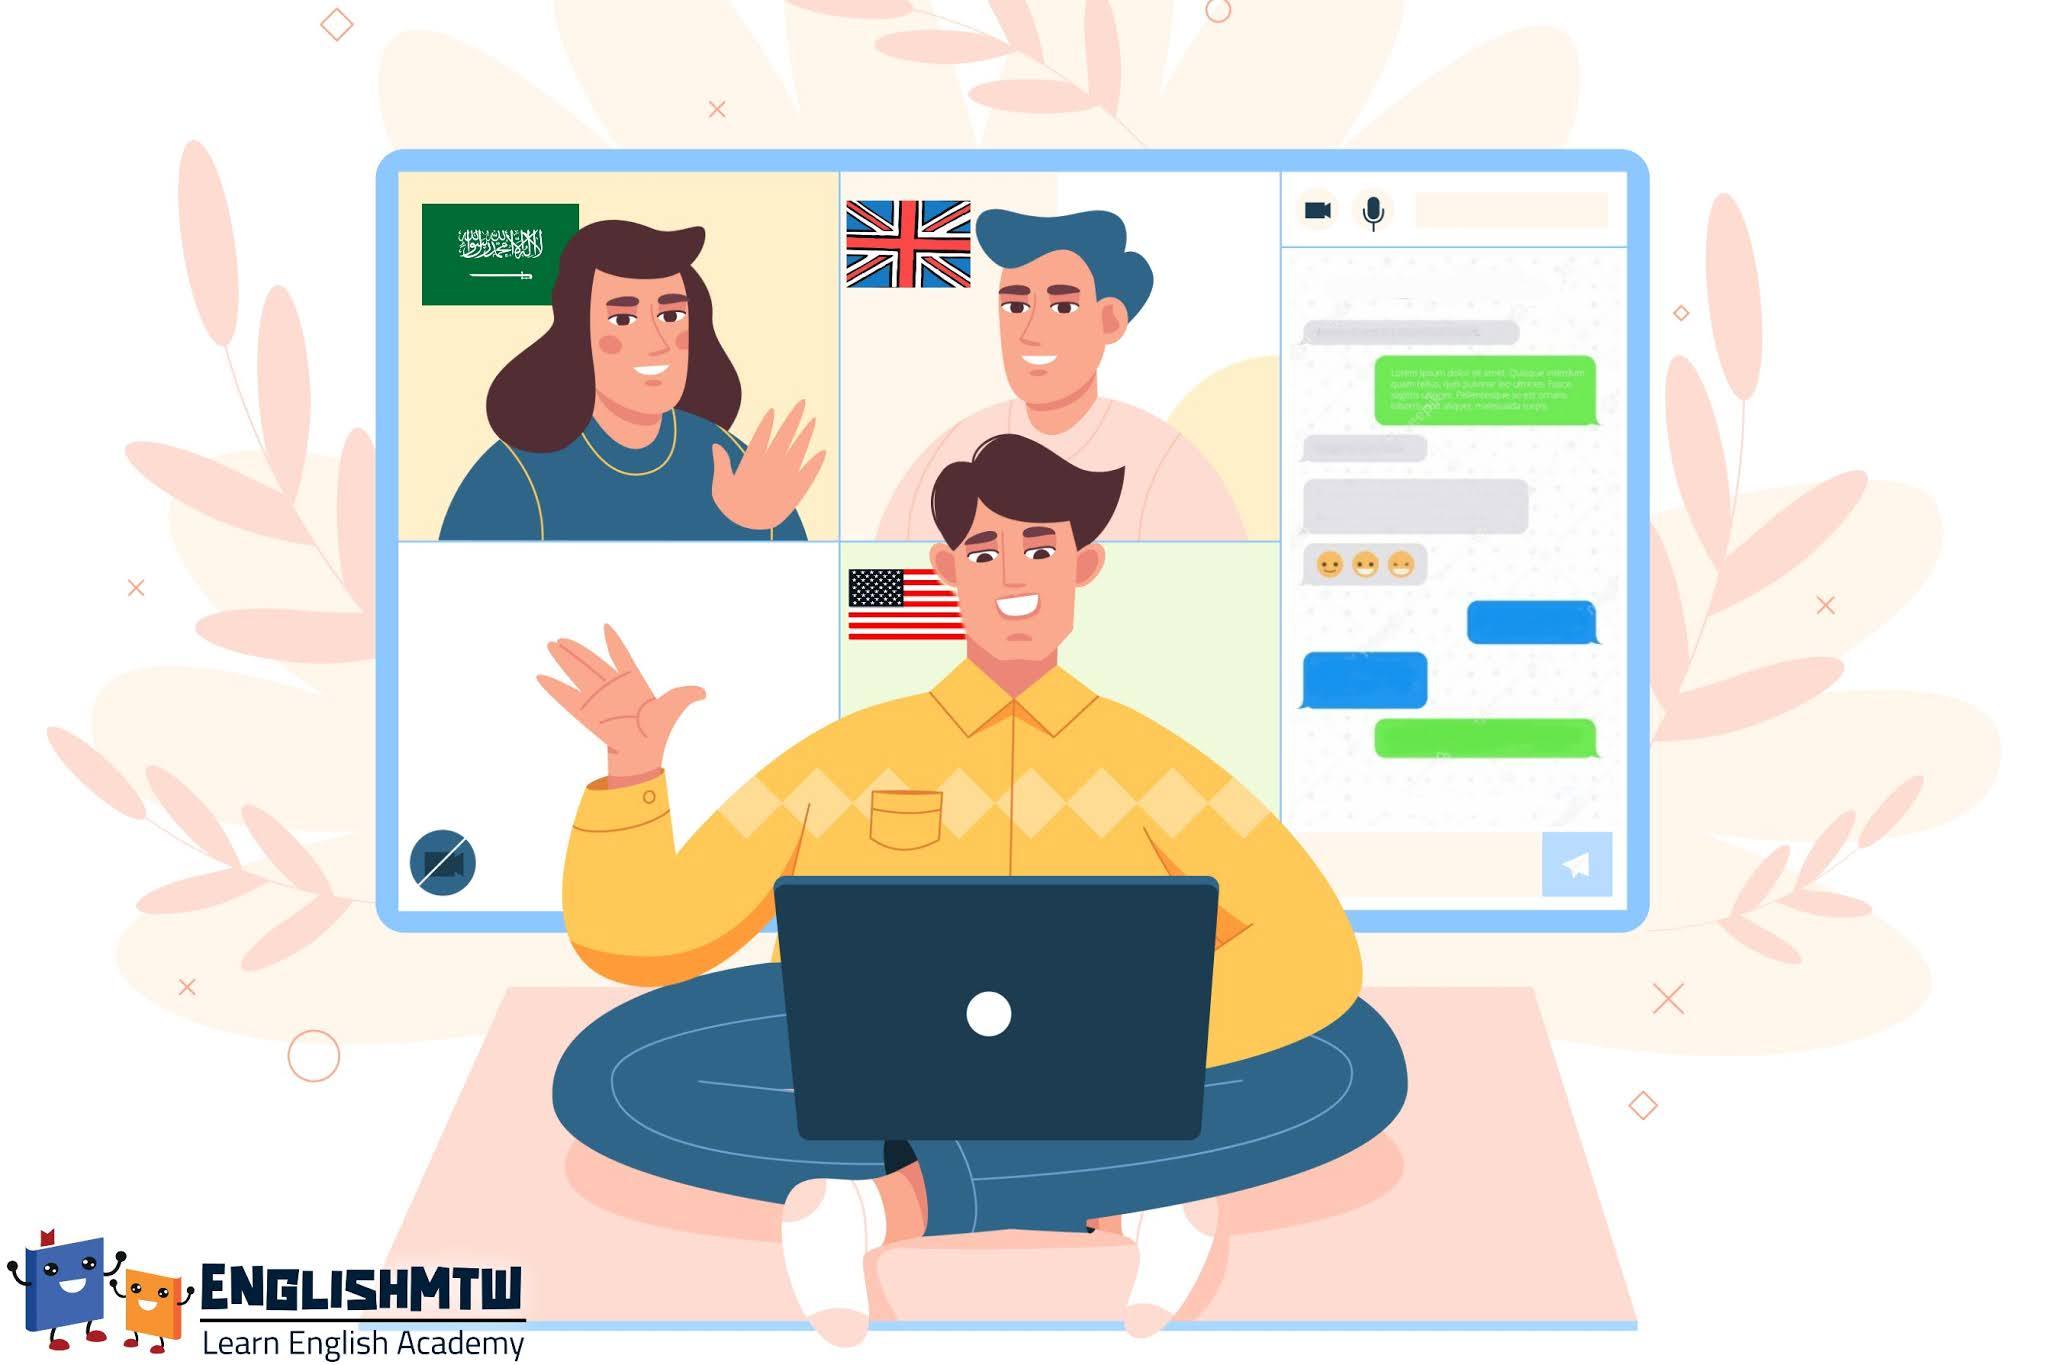 11 من أهم الموارد لتعلم المحادثة اليومية باللغة الإنجليزية